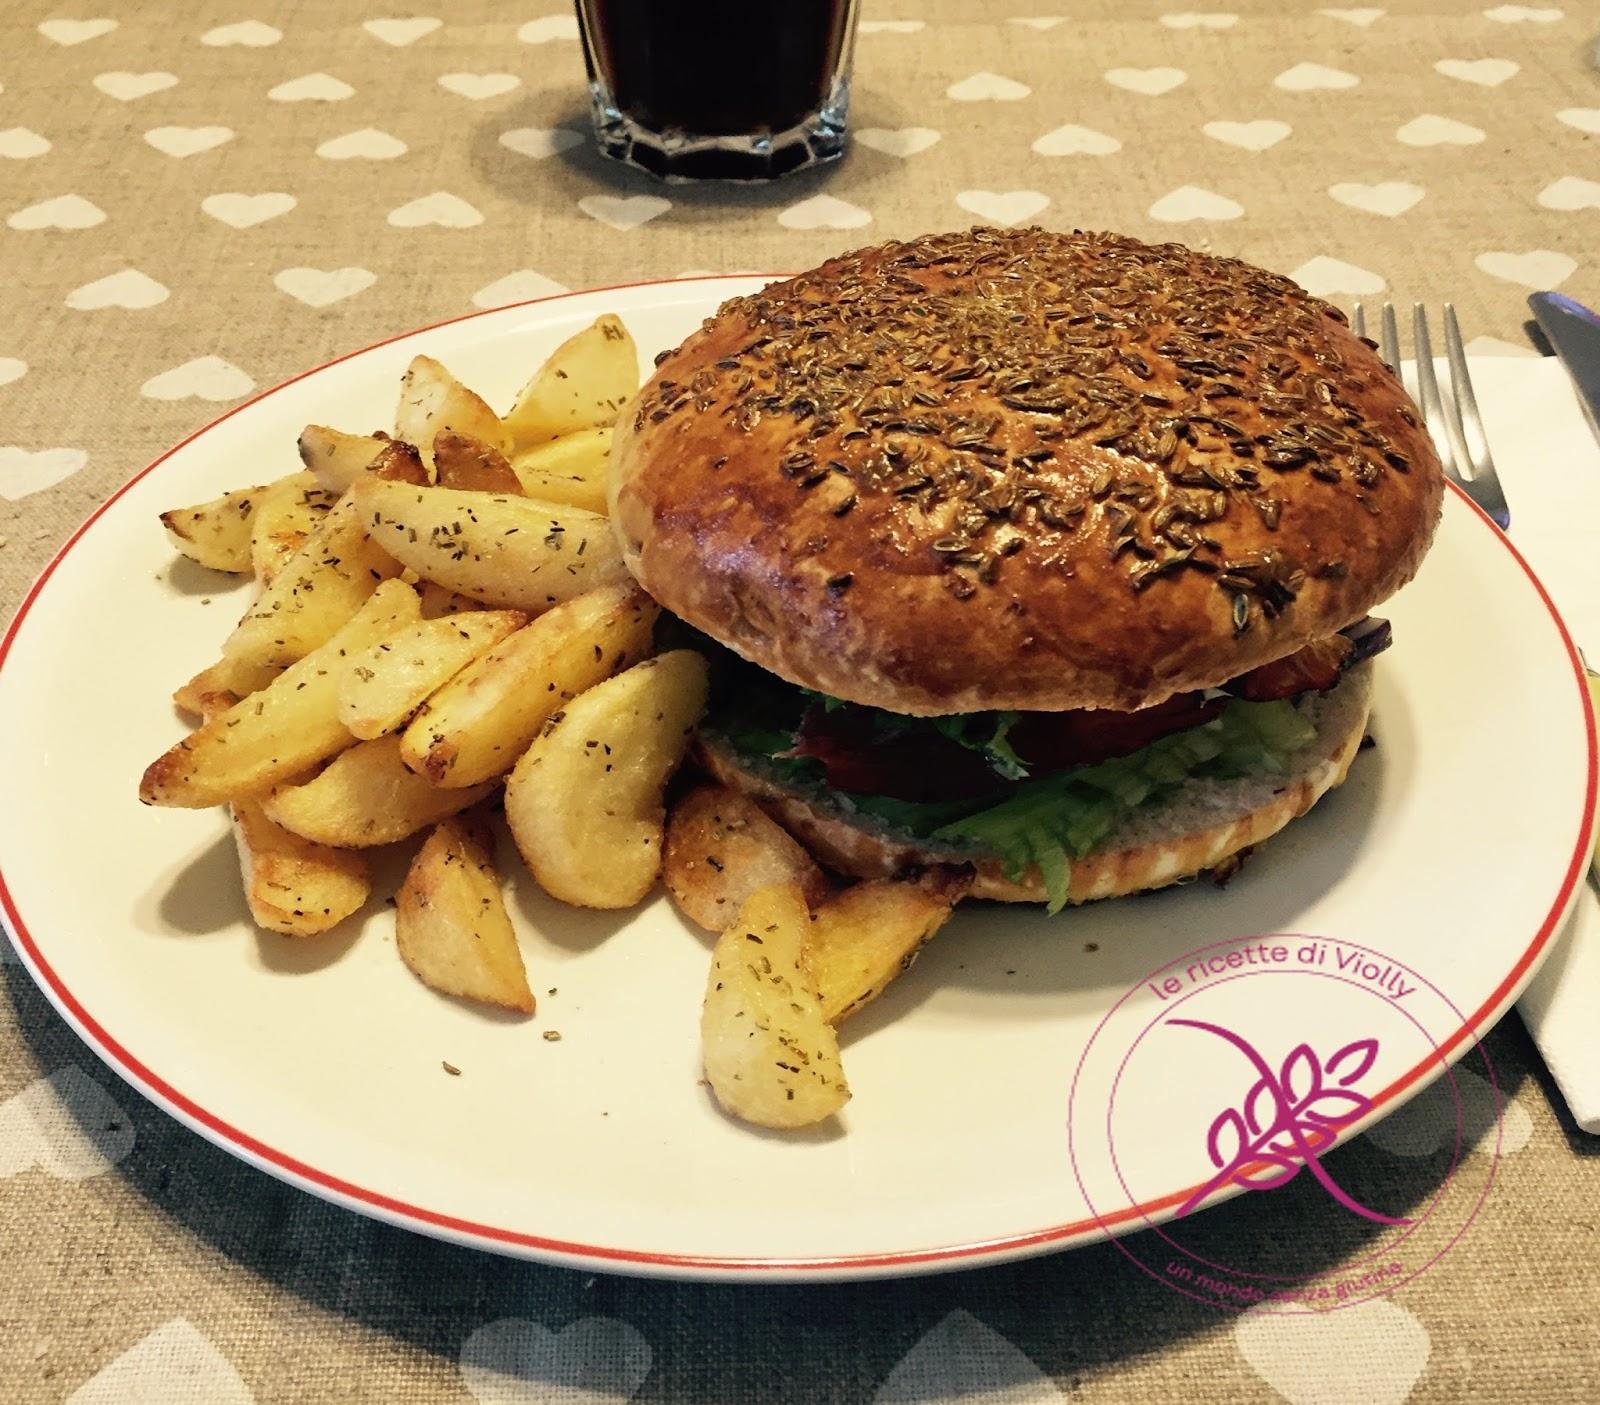 Le Ricette Di Violly: Panini Al Latte Per Super Hamburger